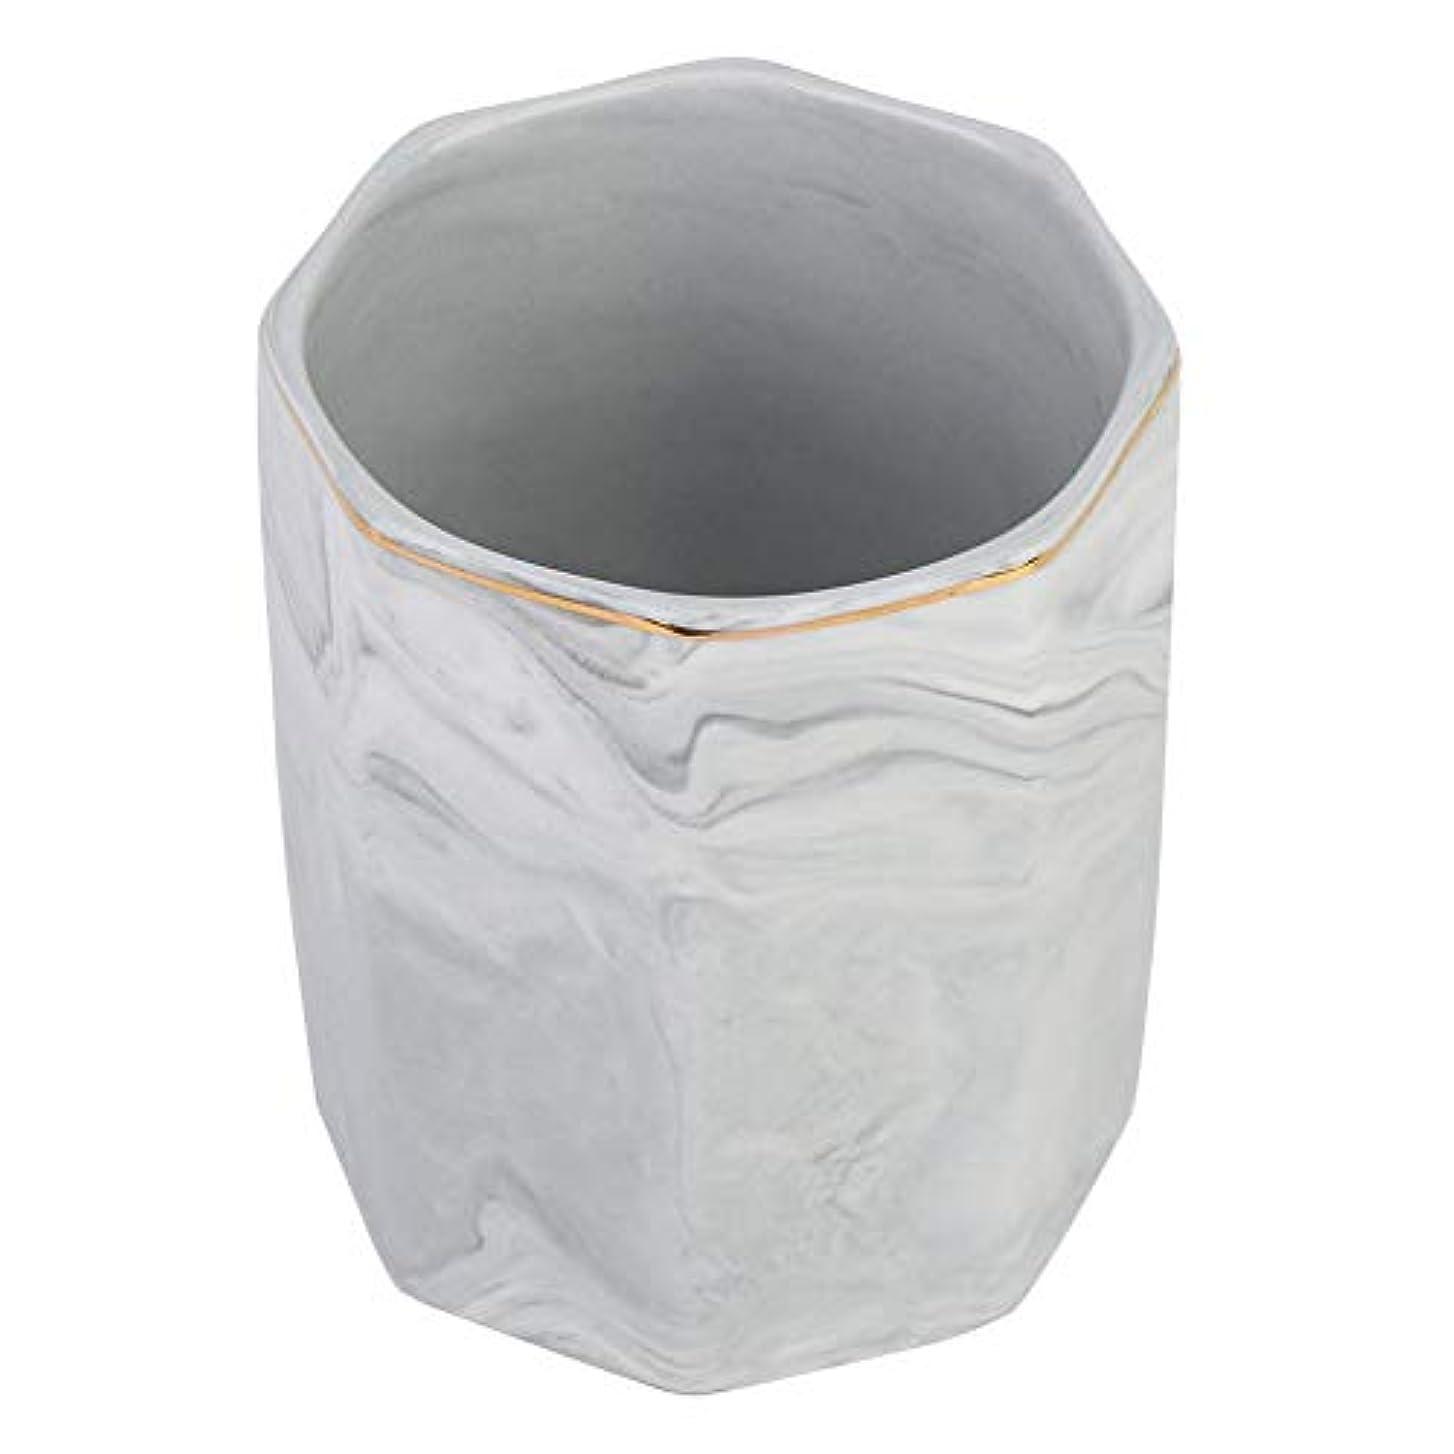 カートリッジ縫い目敬意化粧ブラシホルダー、ネイルアートツールホルダーとゴールドエッジの霜降り収納ケース(グレー)